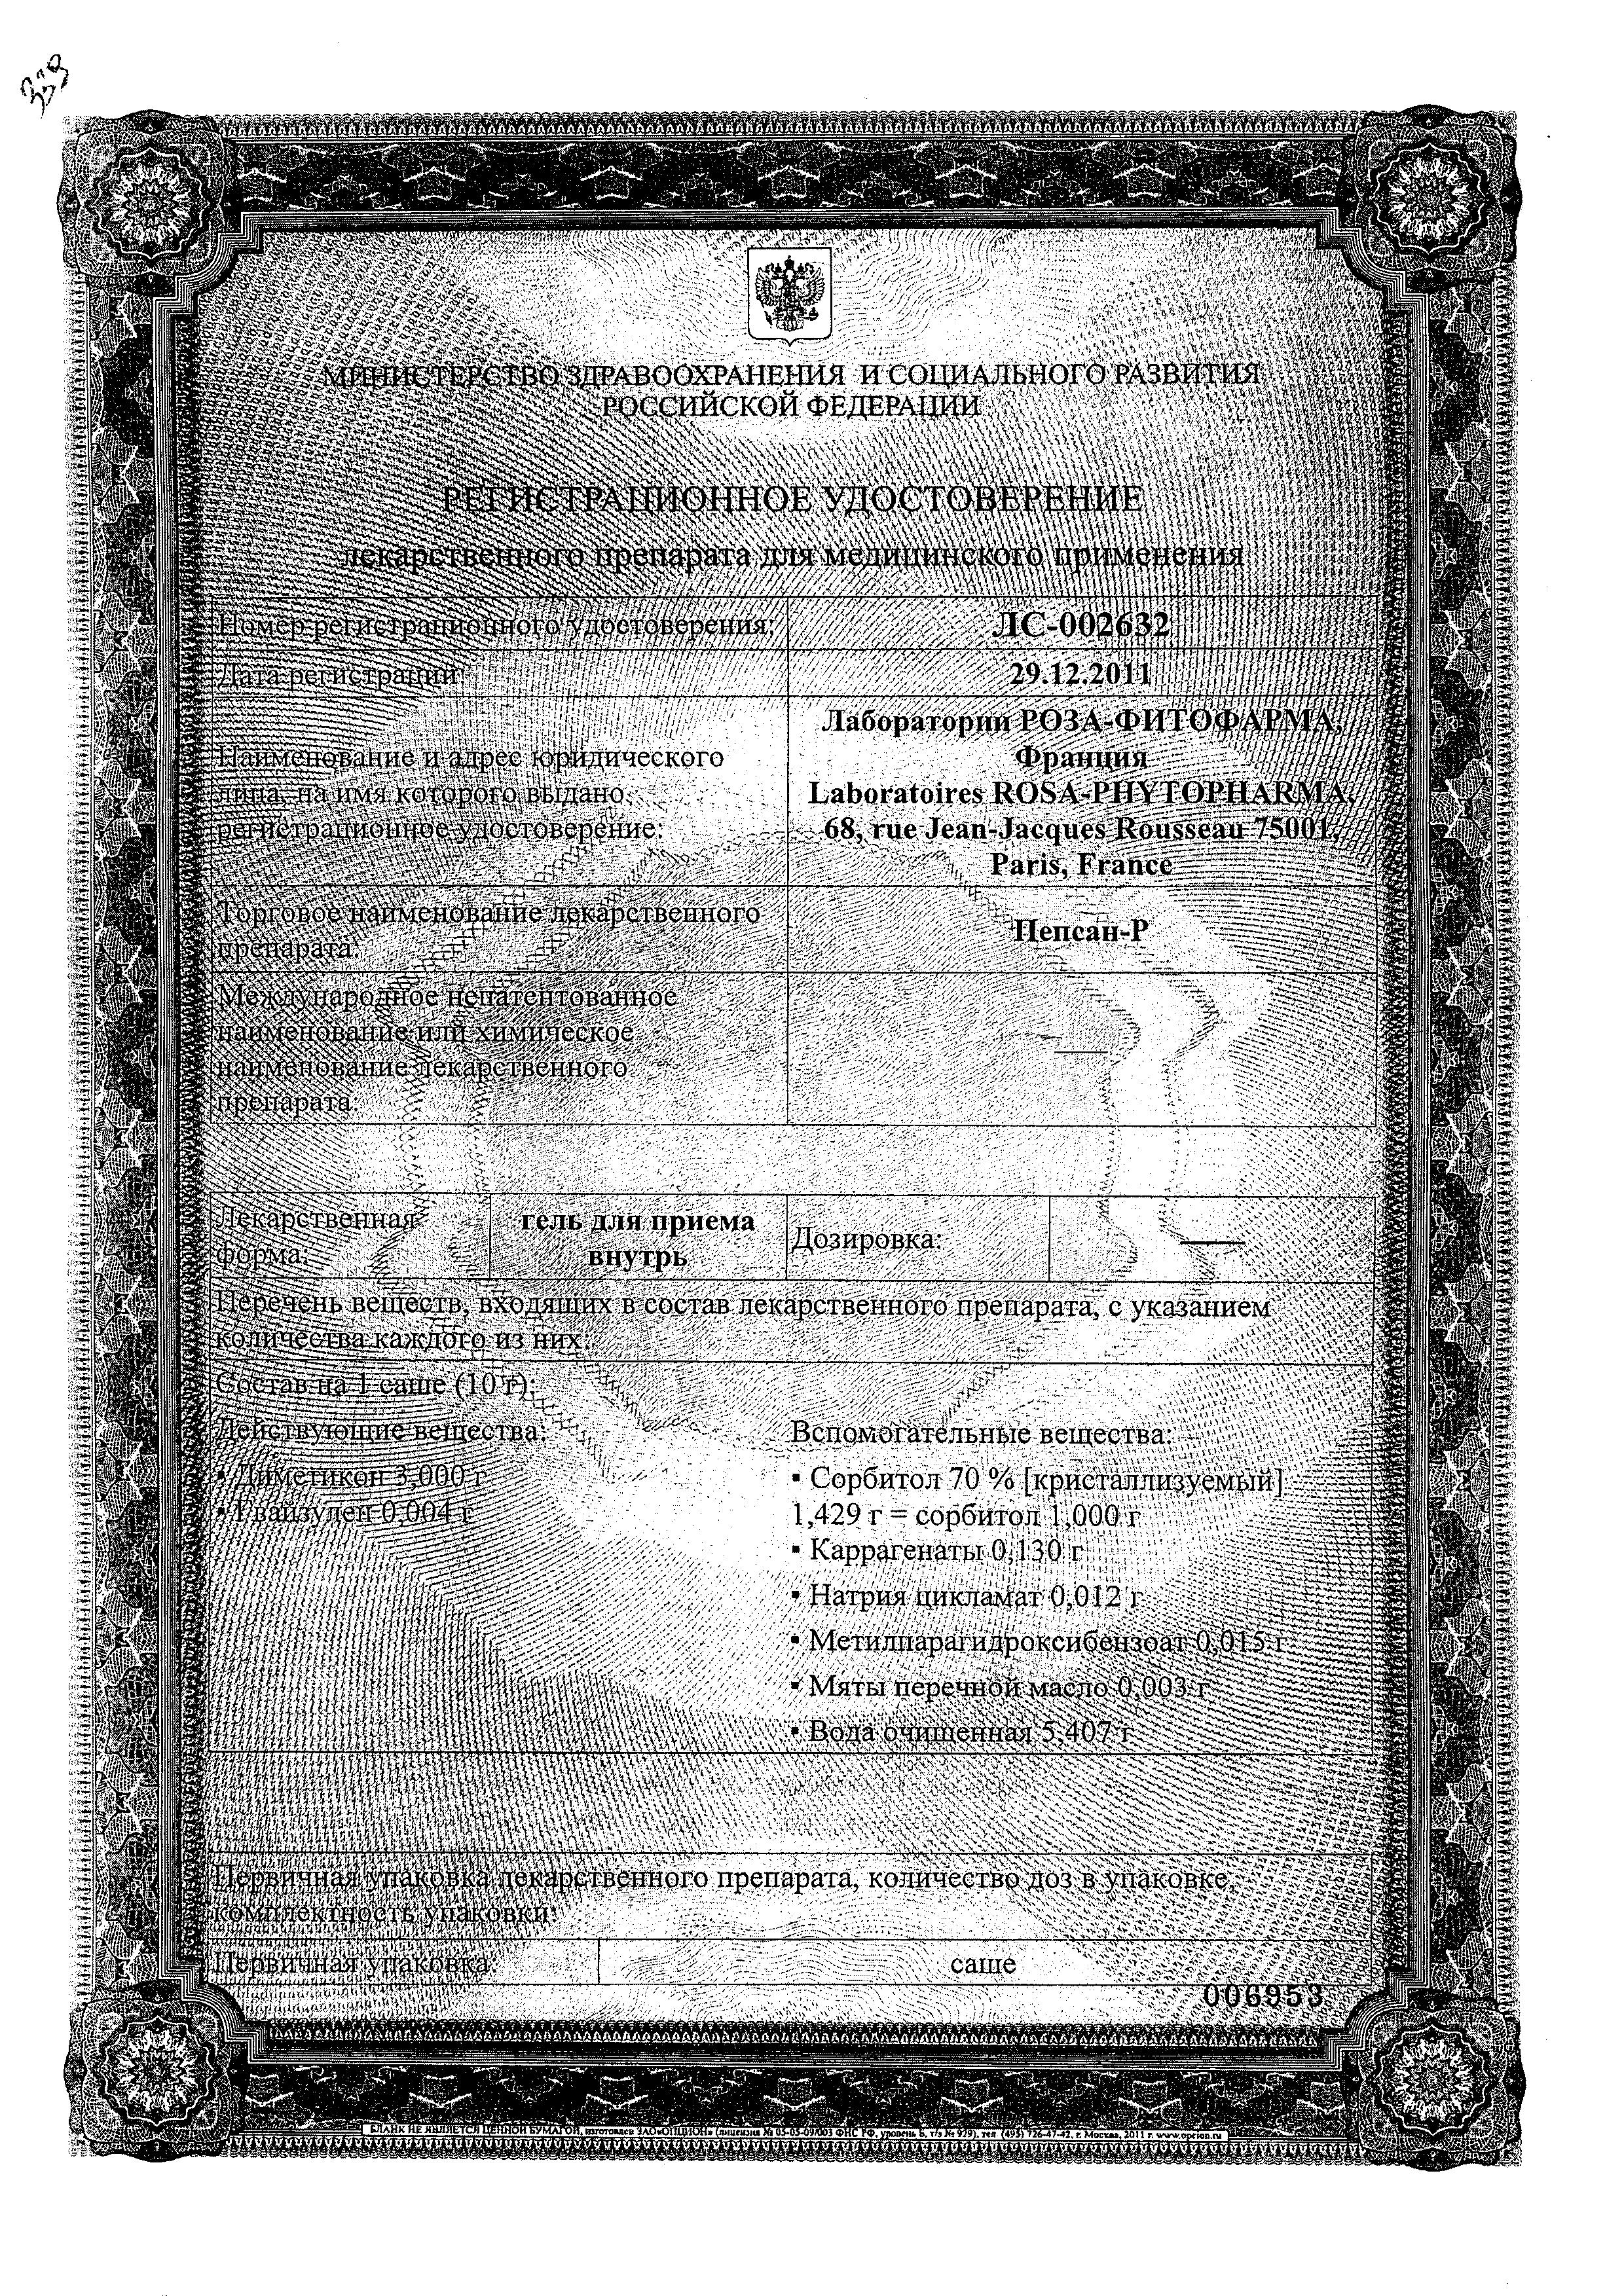 Пепсан-Р сертификат